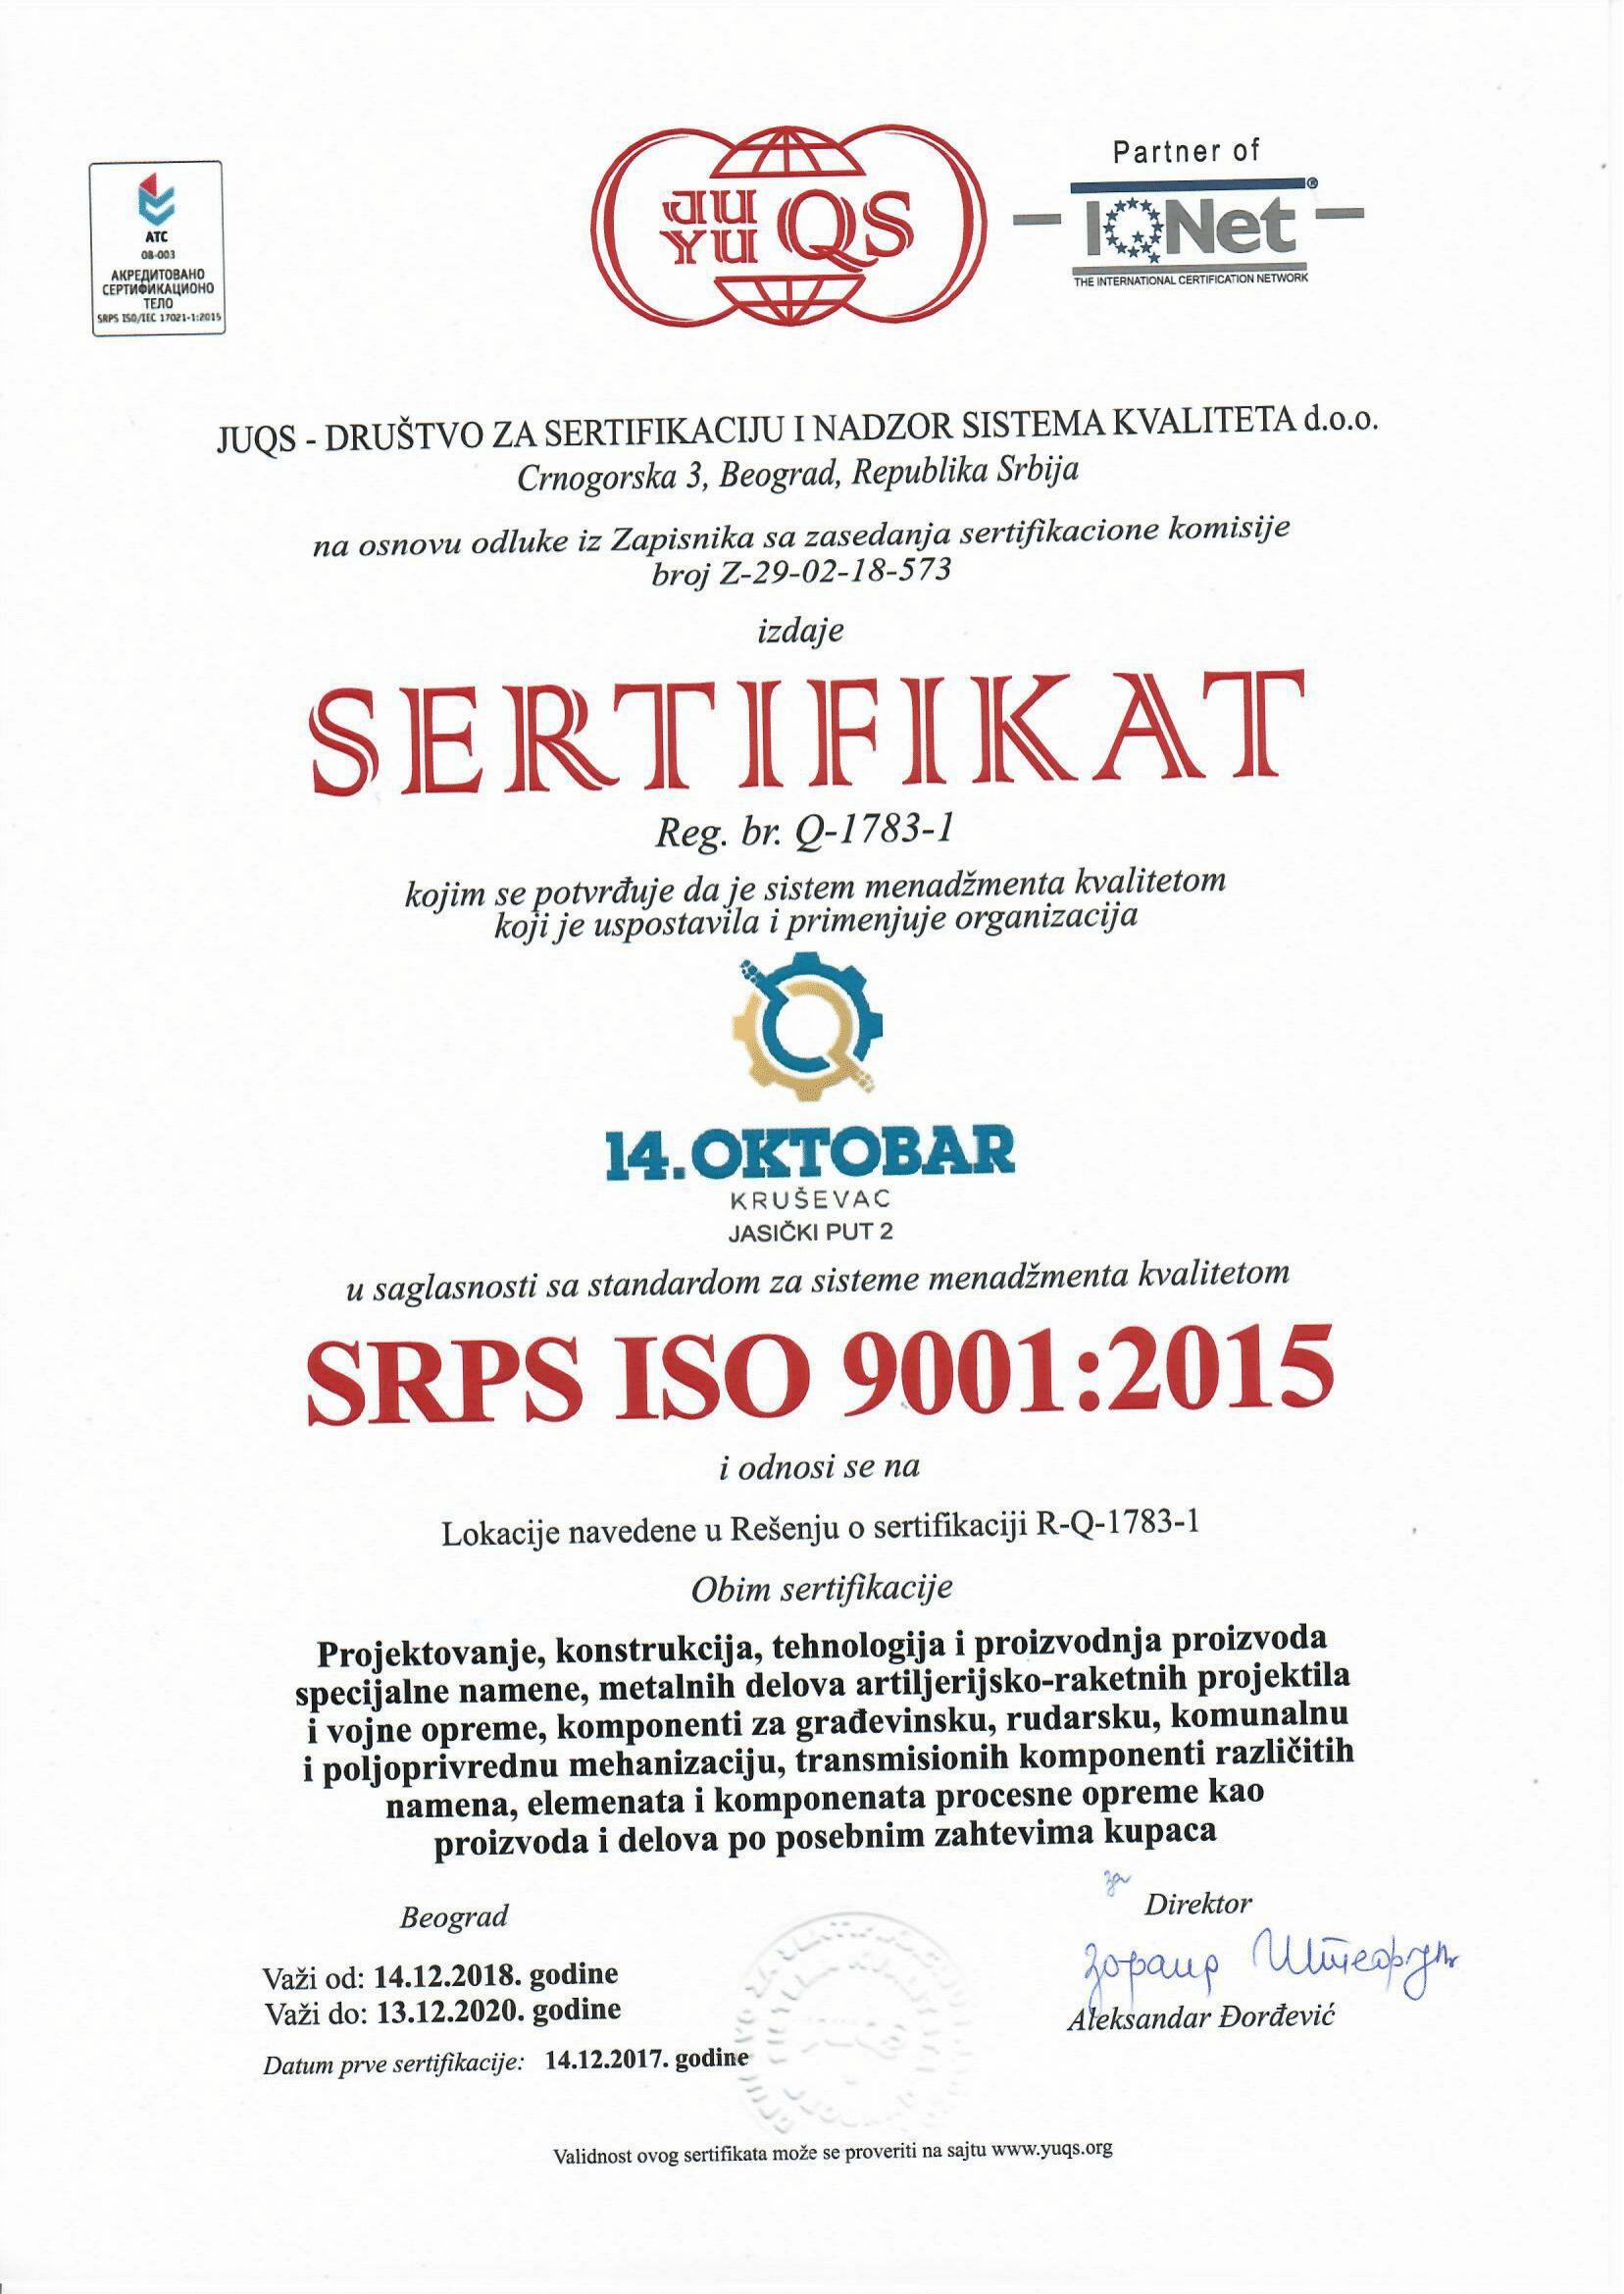 ISO 9001 2015 14. OKTOBAR-1